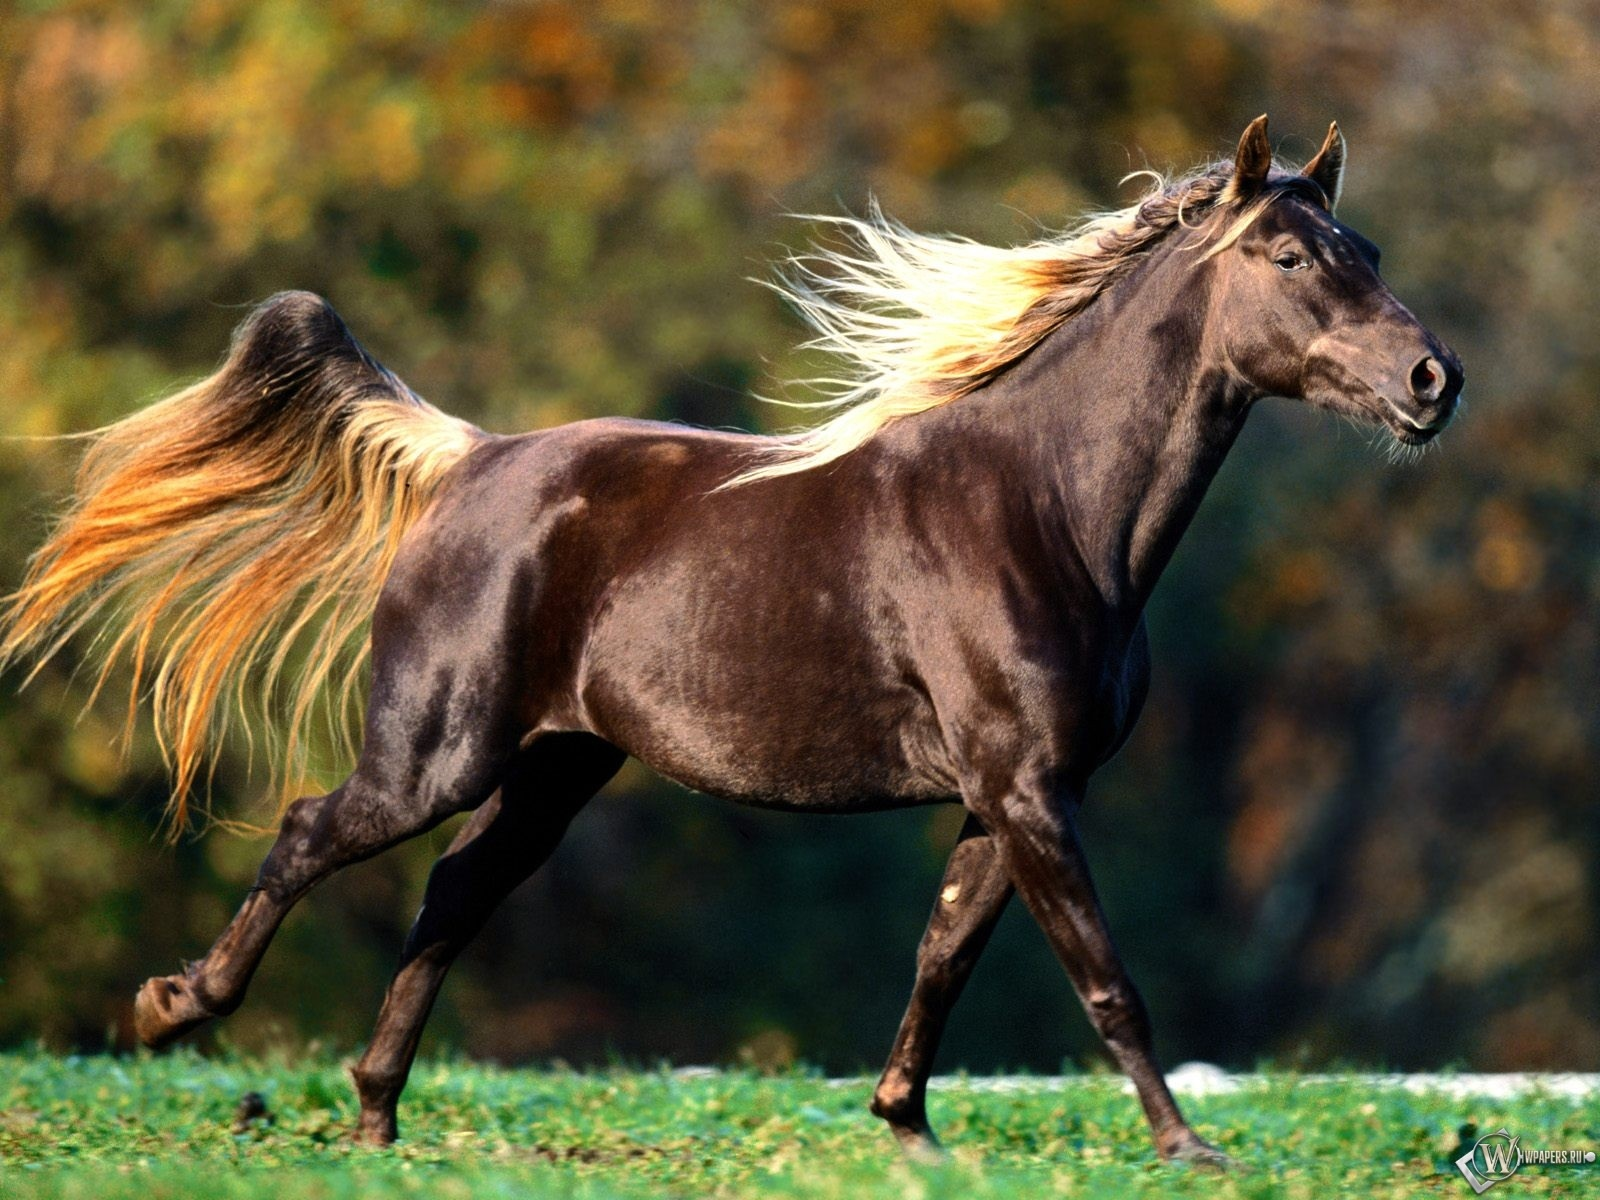 Спортивный конь 1600x1200